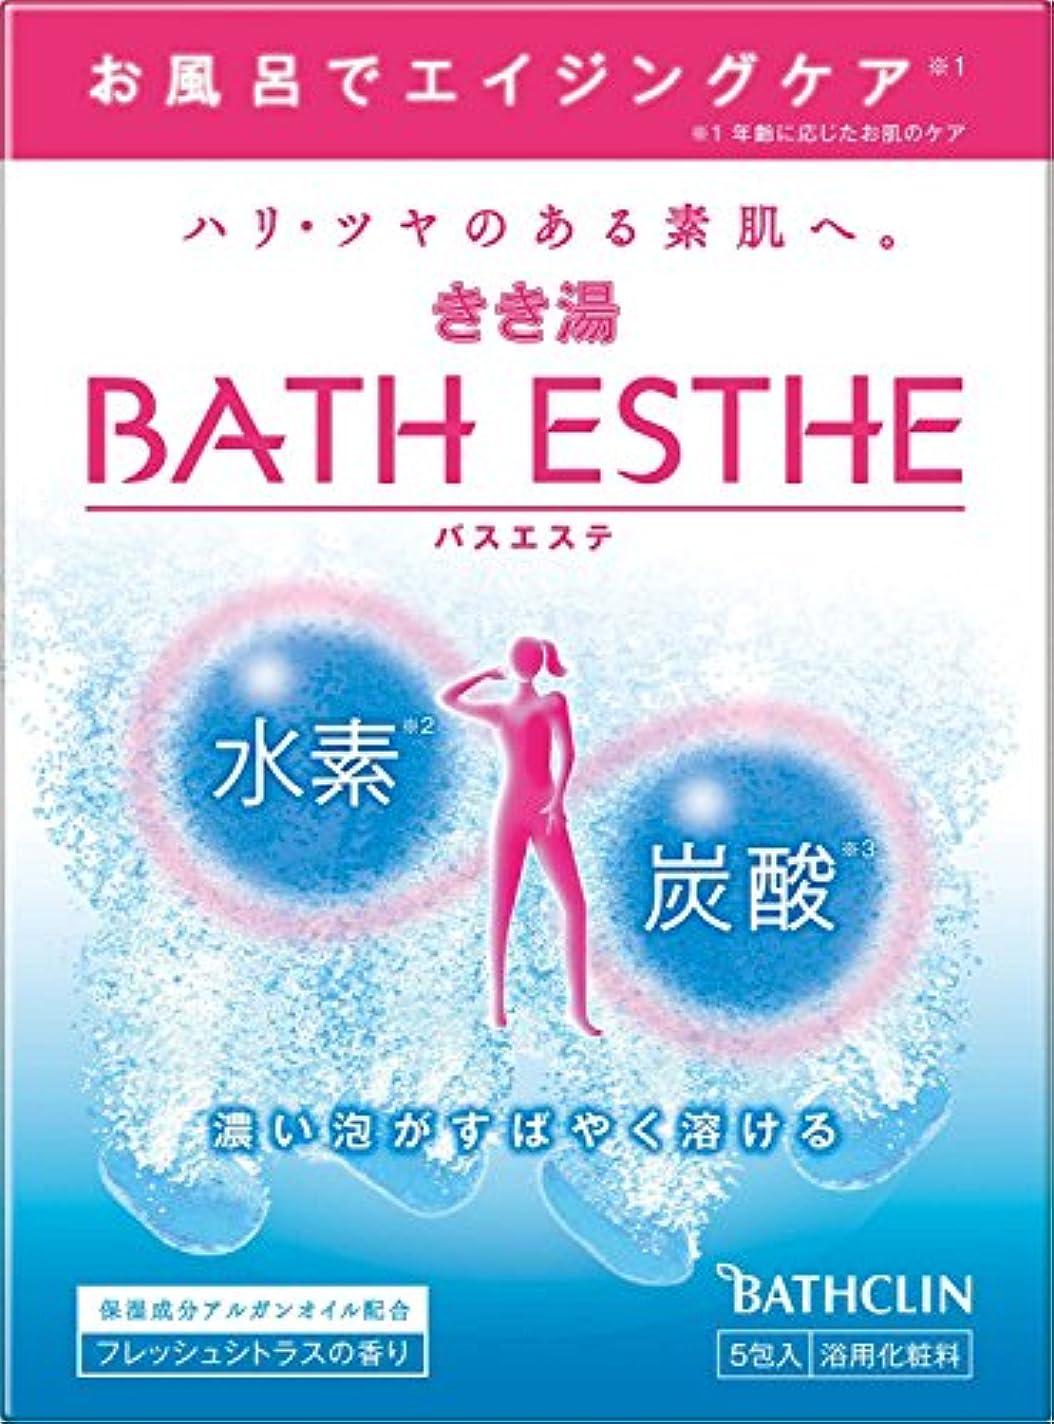 自己尊重抑制する修羅場きき湯バスエステ炭酸水素入浴剤 フレッシュシトラスの香り50g×5包入り 発泡タイプ 個包装